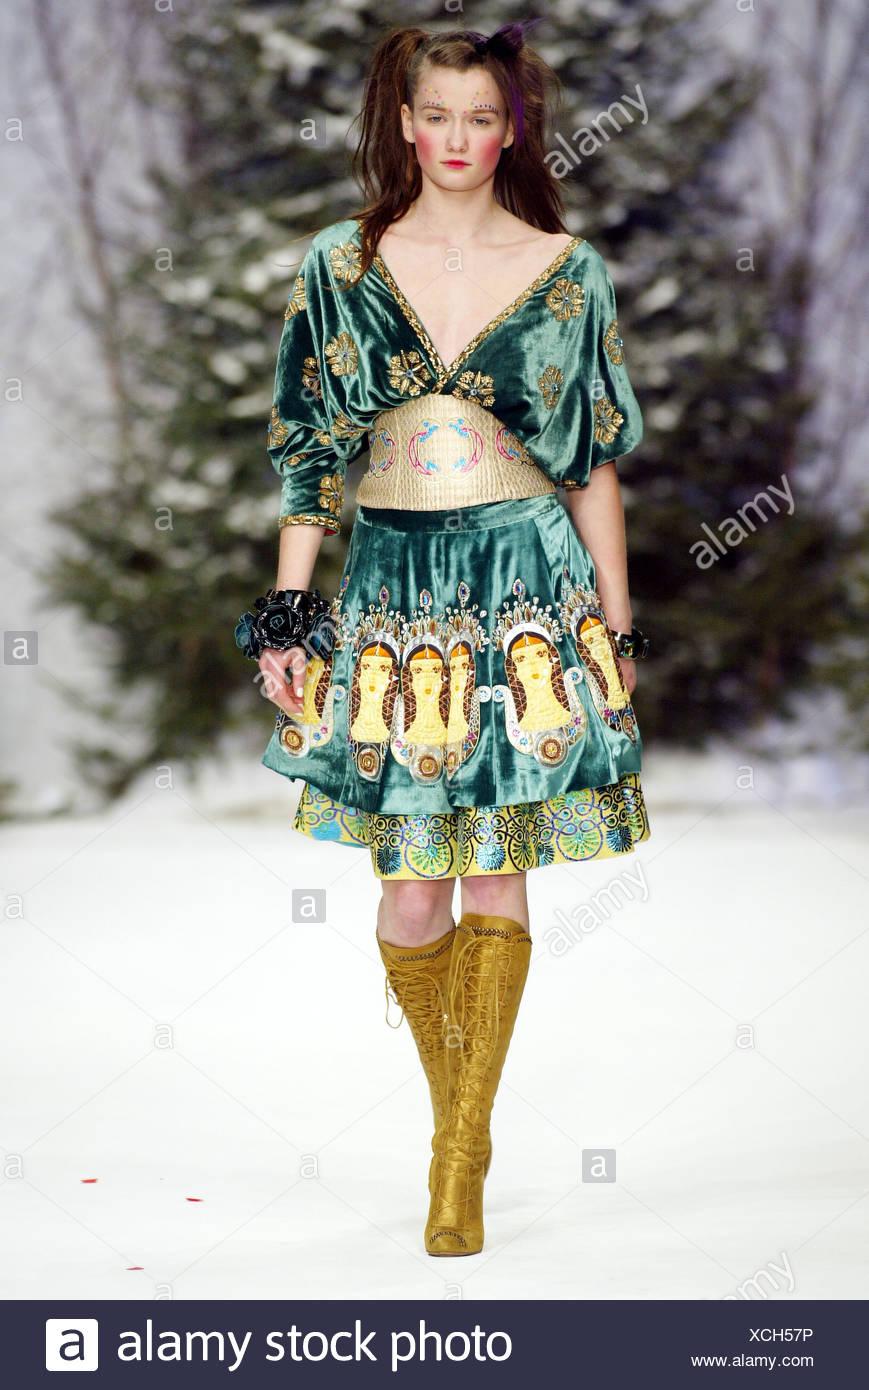 8f38e12d98c Manish Arora London bereit zu tragen-Herbst-Winter-Brünette weibliches  Modell trägt eine grünen Samt Kleid aufwendige gold ethnischen